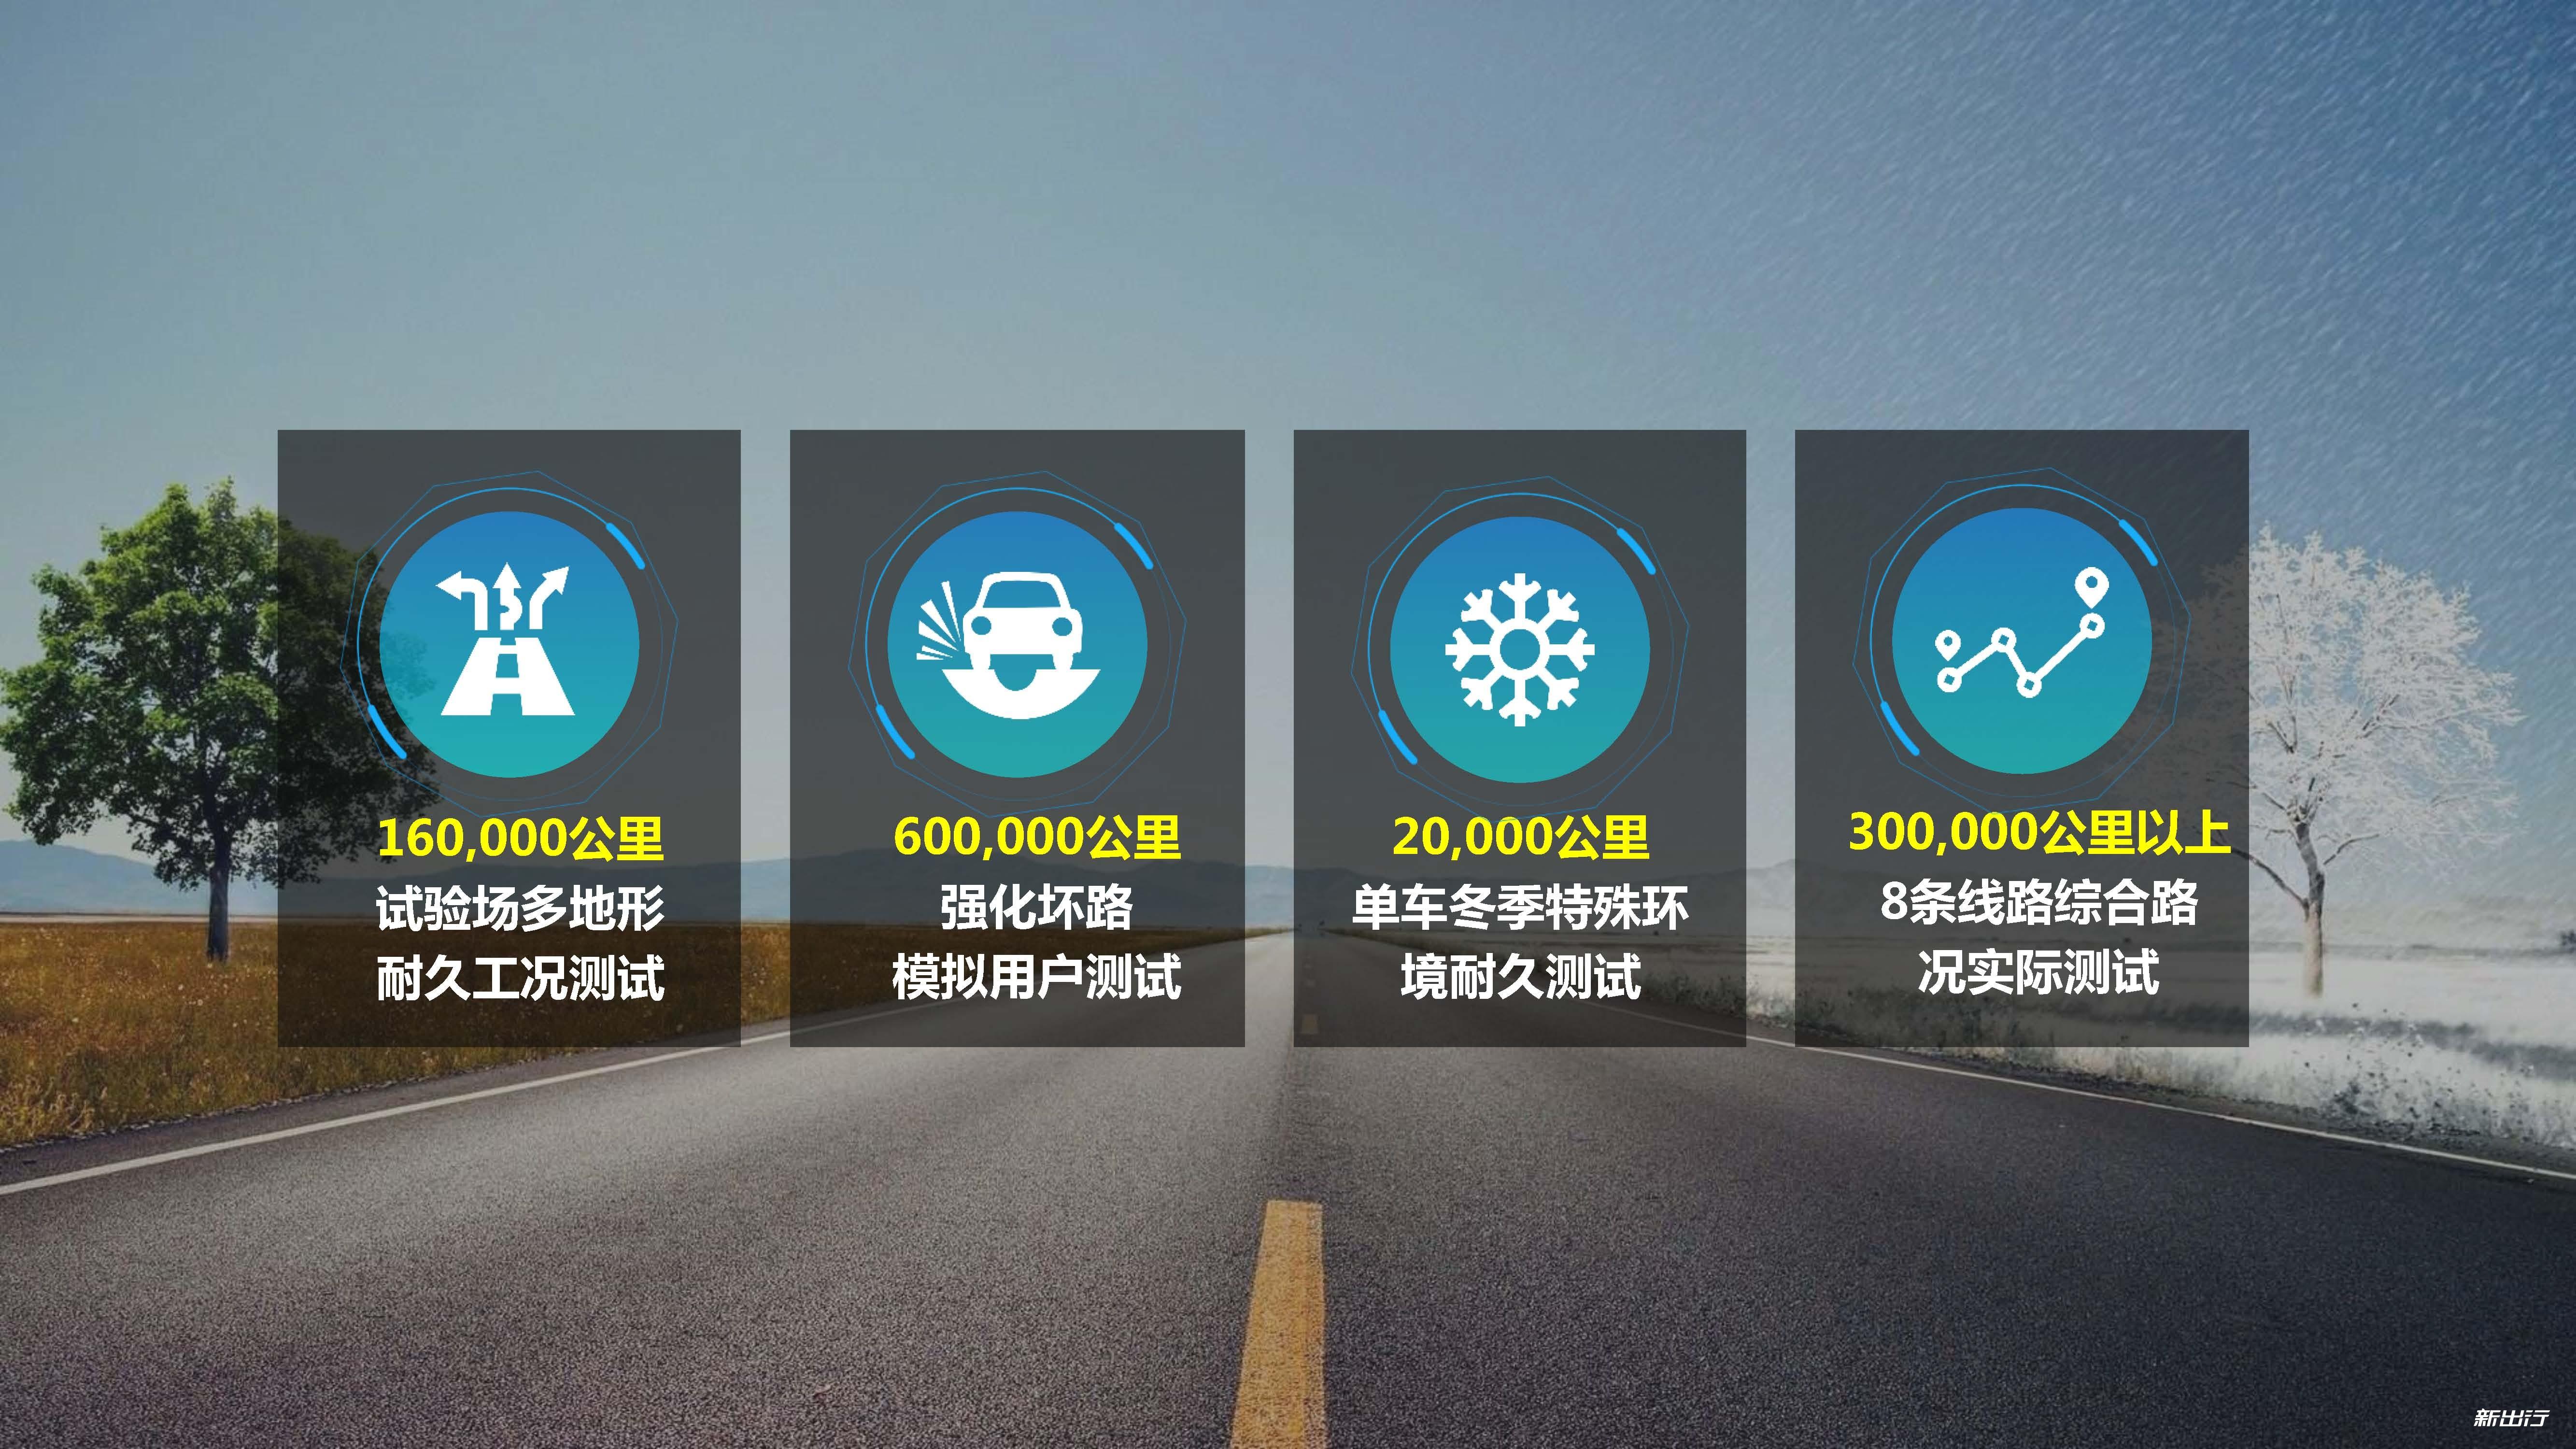 宋DM媒体试驾产品讲解PPT(媒体)_页面_03.jpg